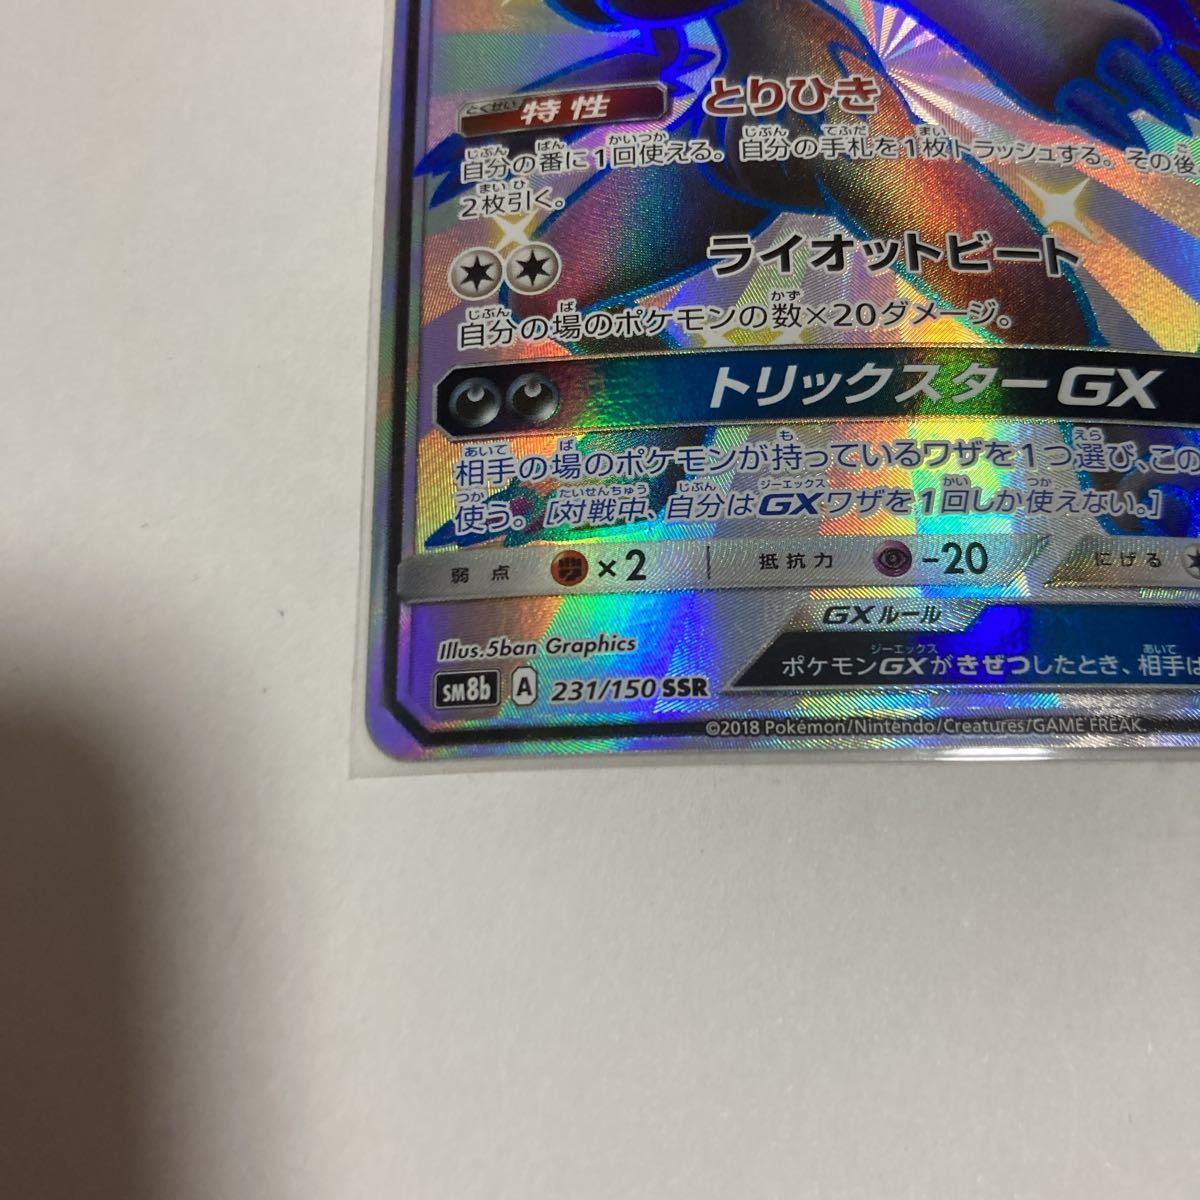 ゾロアークGX SSR 色違い ポケモンカードゲーム ポケカ GXウルトラシャイニー とりひき ライオットビート トリックスターGX sm8b 231/150_画像5